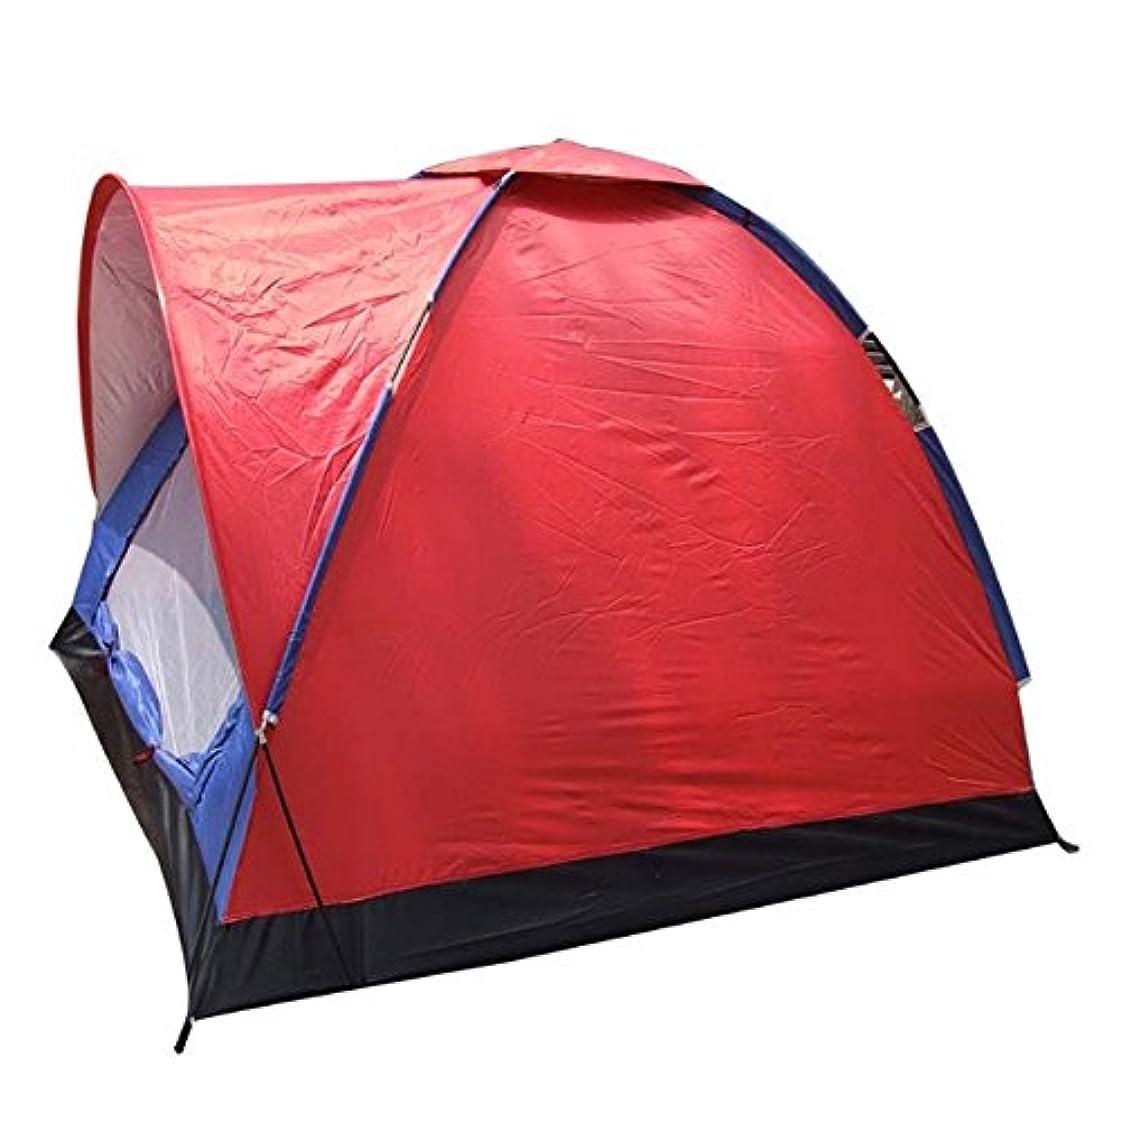 ハンディキャップソケット読書3人レジャーテント防水シェードスクリーンドアスクリーンウィンドウポータブル屋外キャンプテント